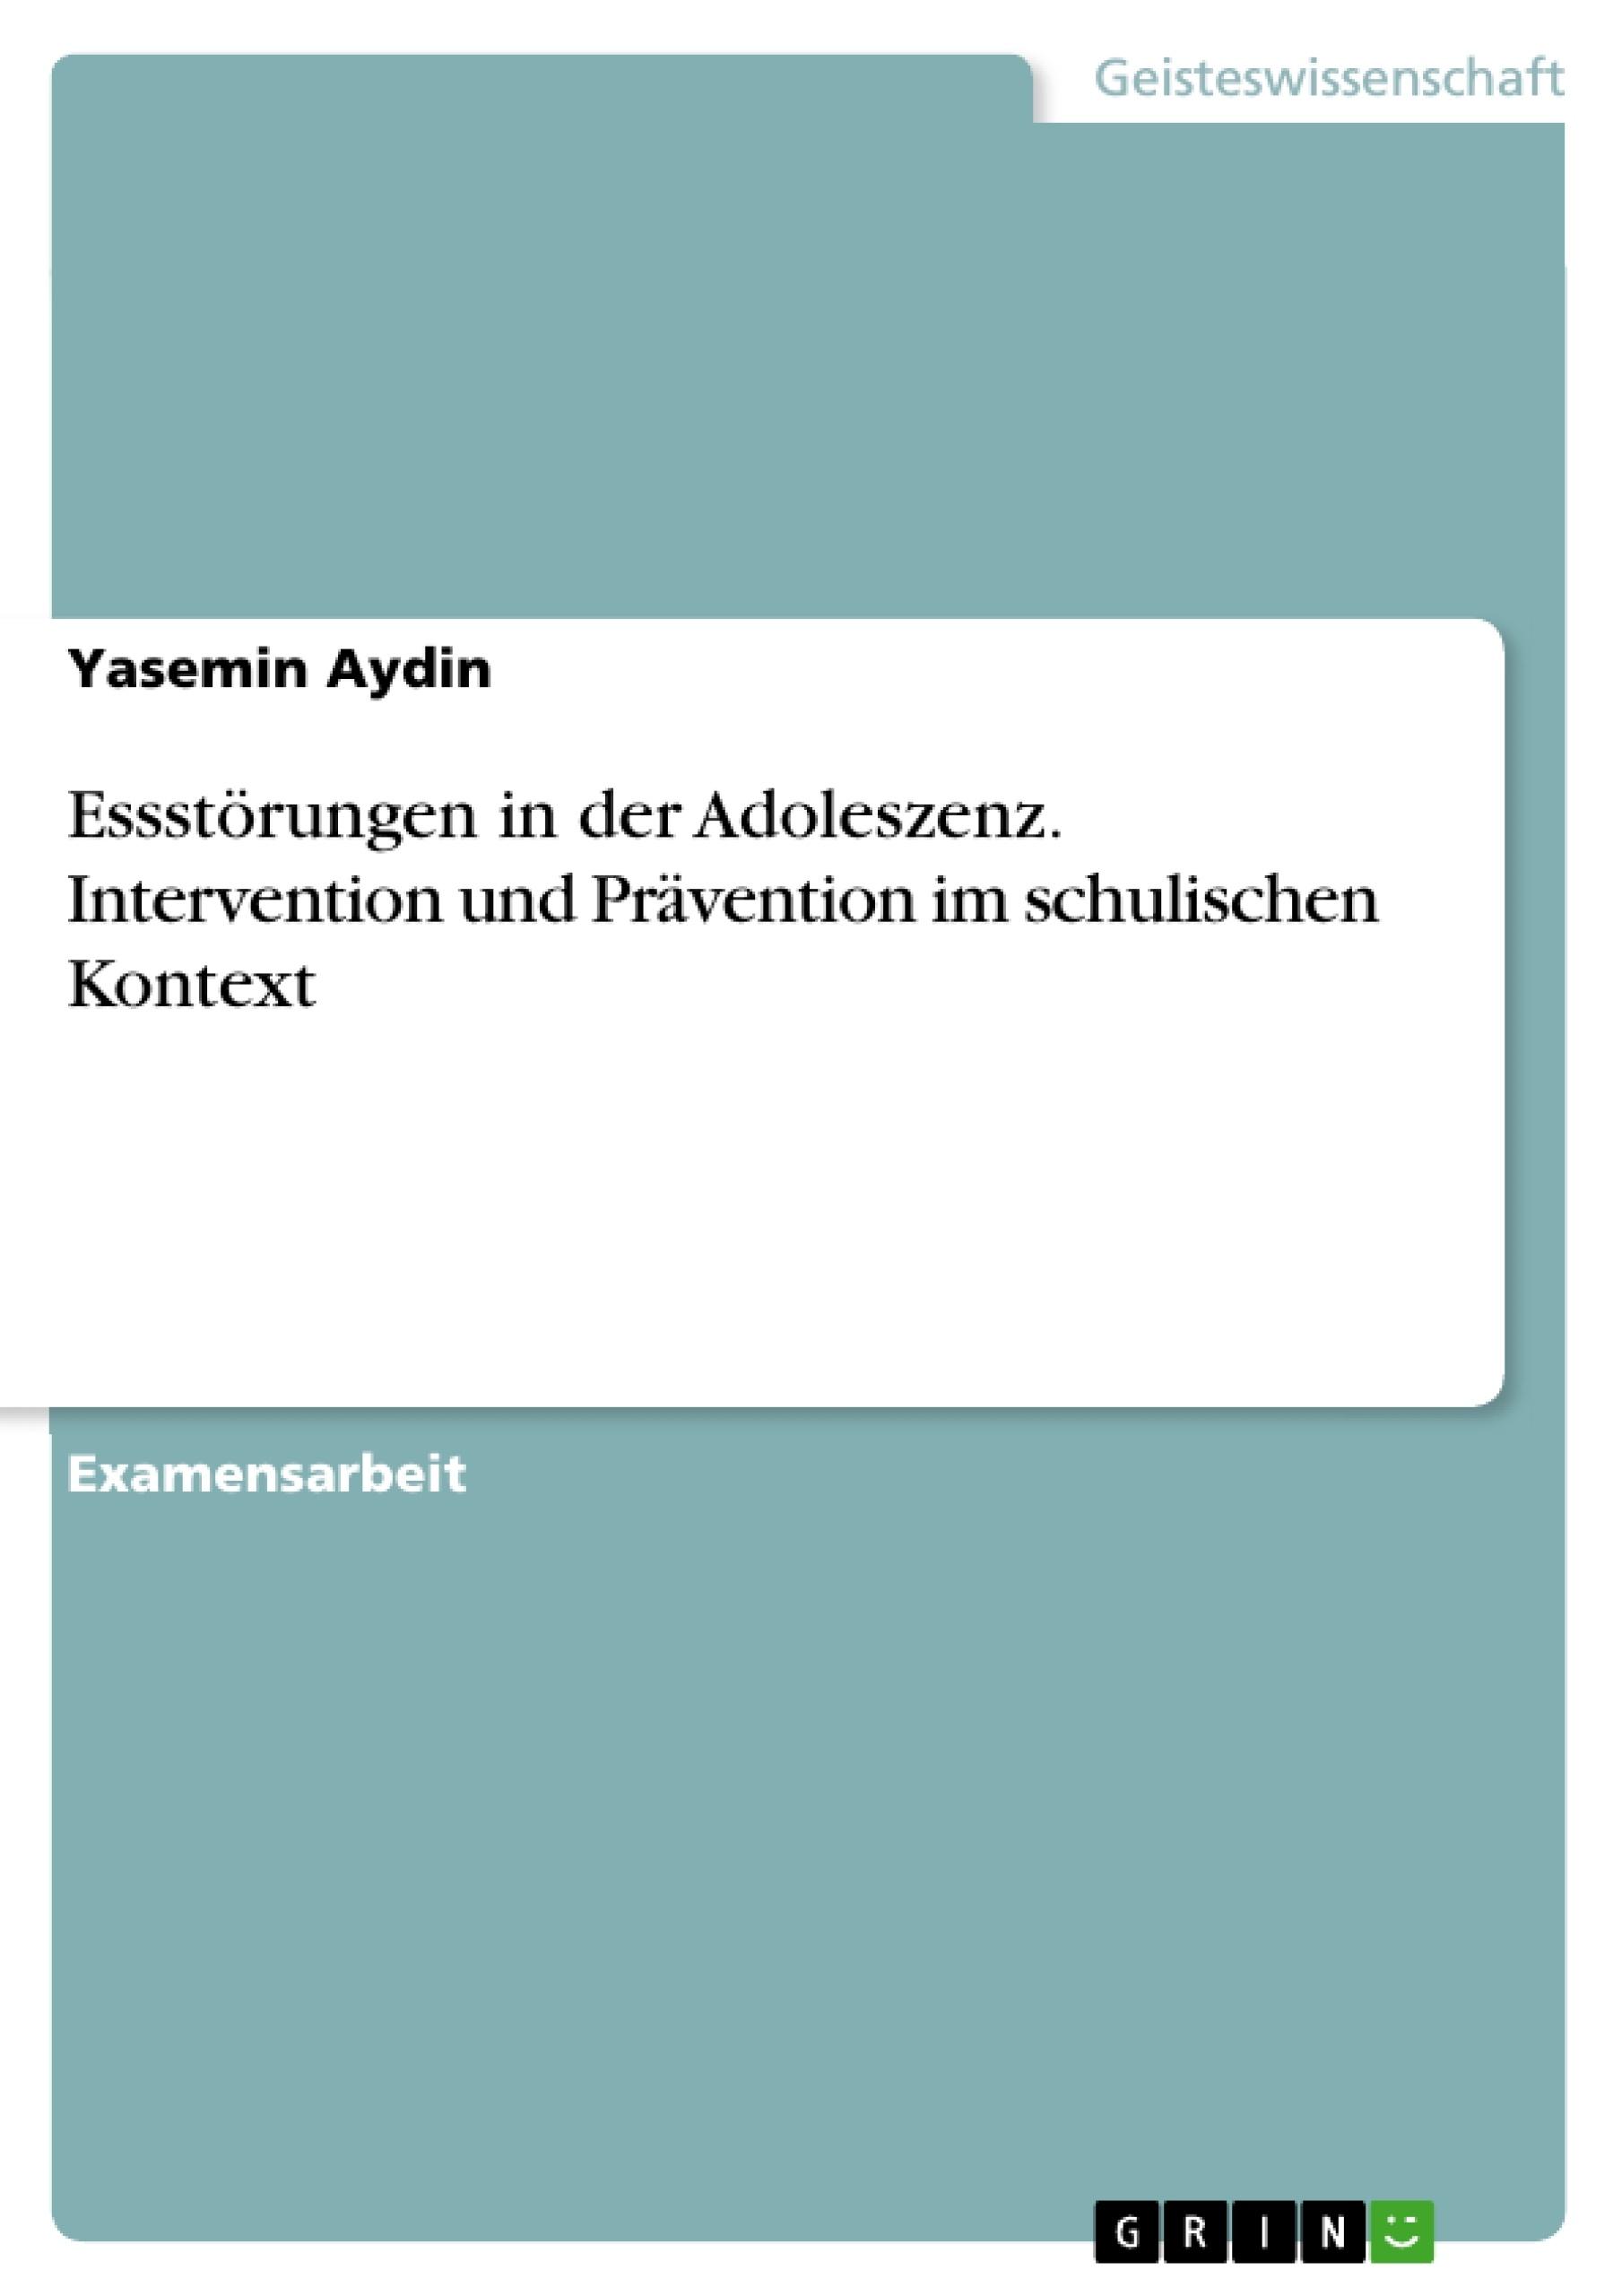 Titel: Essstörungen in der Adoleszenz. Intervention und Prävention im schulischen Kontext